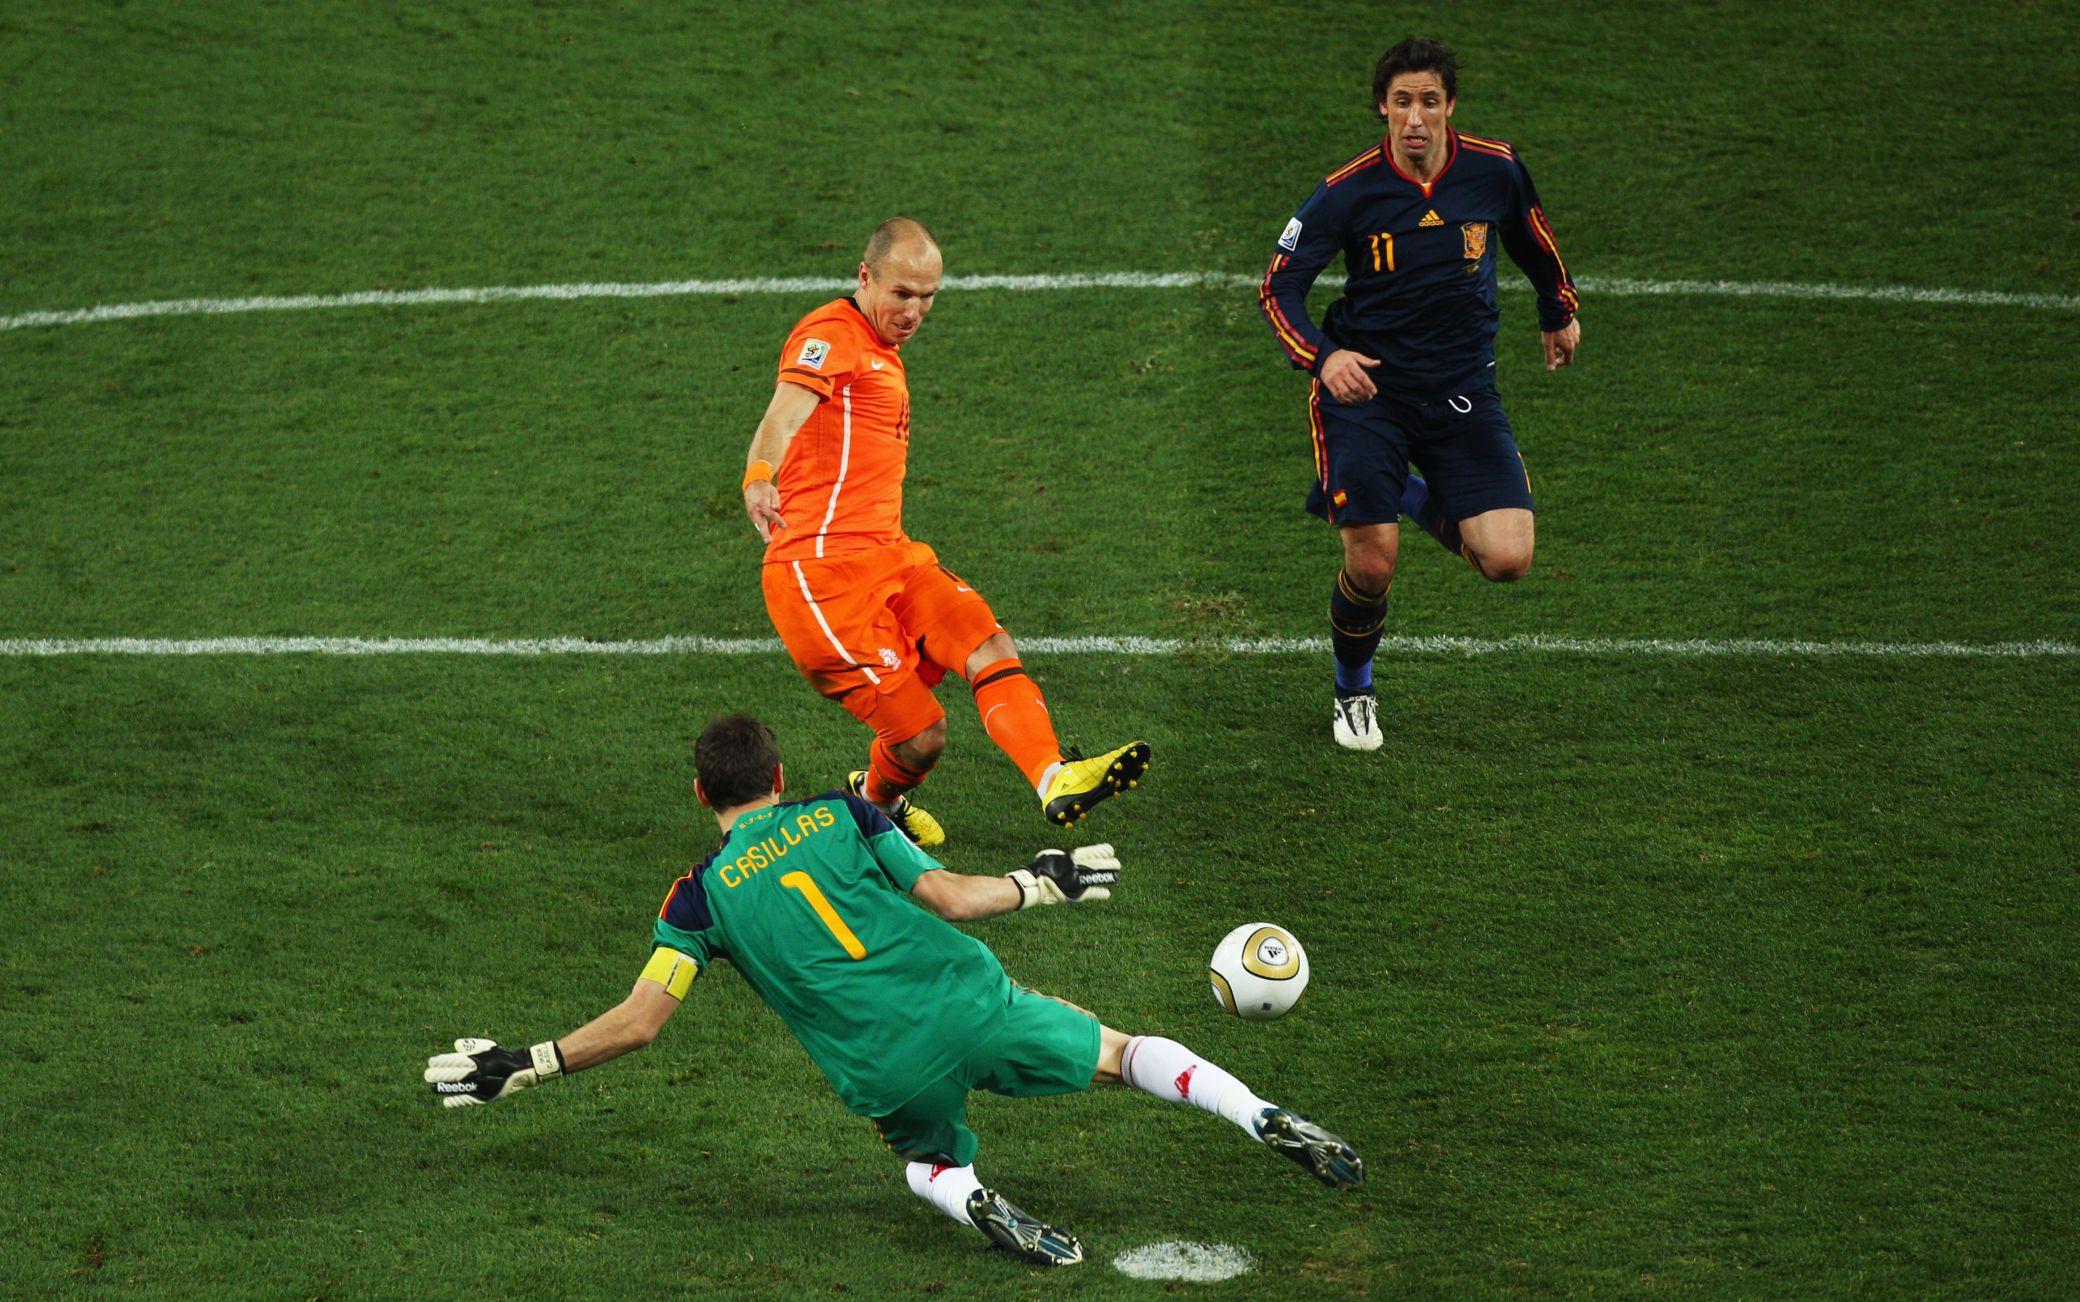 """Finale dei Mondiali 2010: l'errore di Robben che avrebbe potuto dare la coppa all'Olanda. Guardate dietro: c'è Capdevila pronto a urlare la """"maledizione"""" Kiricocho"""